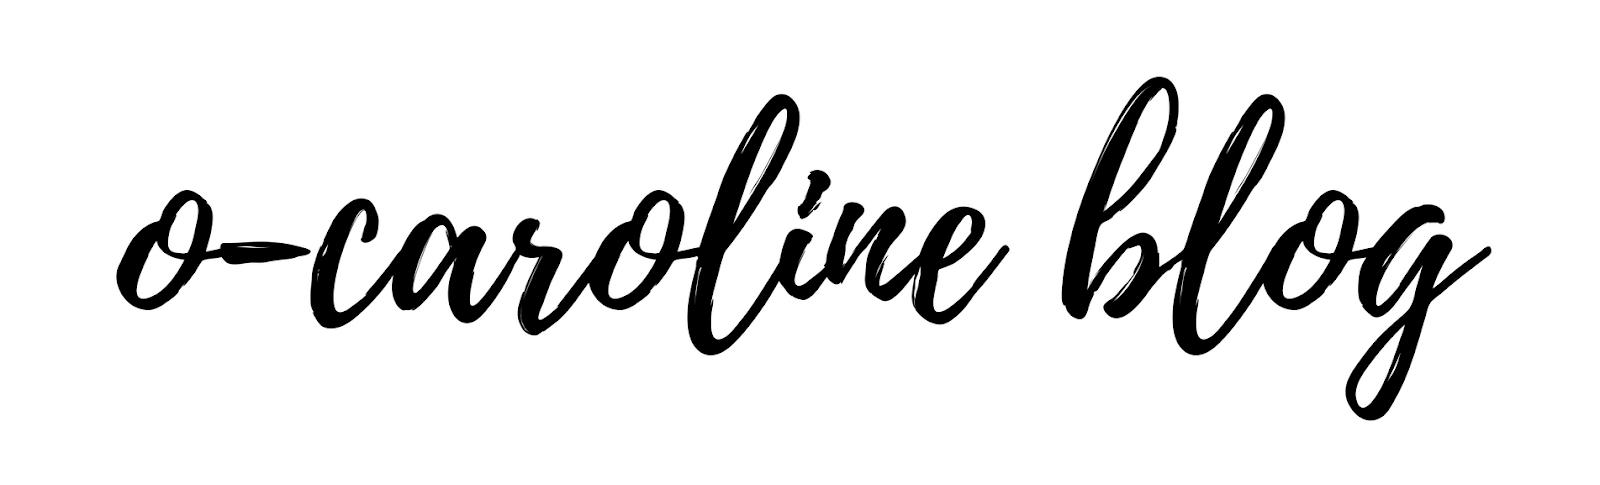 O-CAROLINE